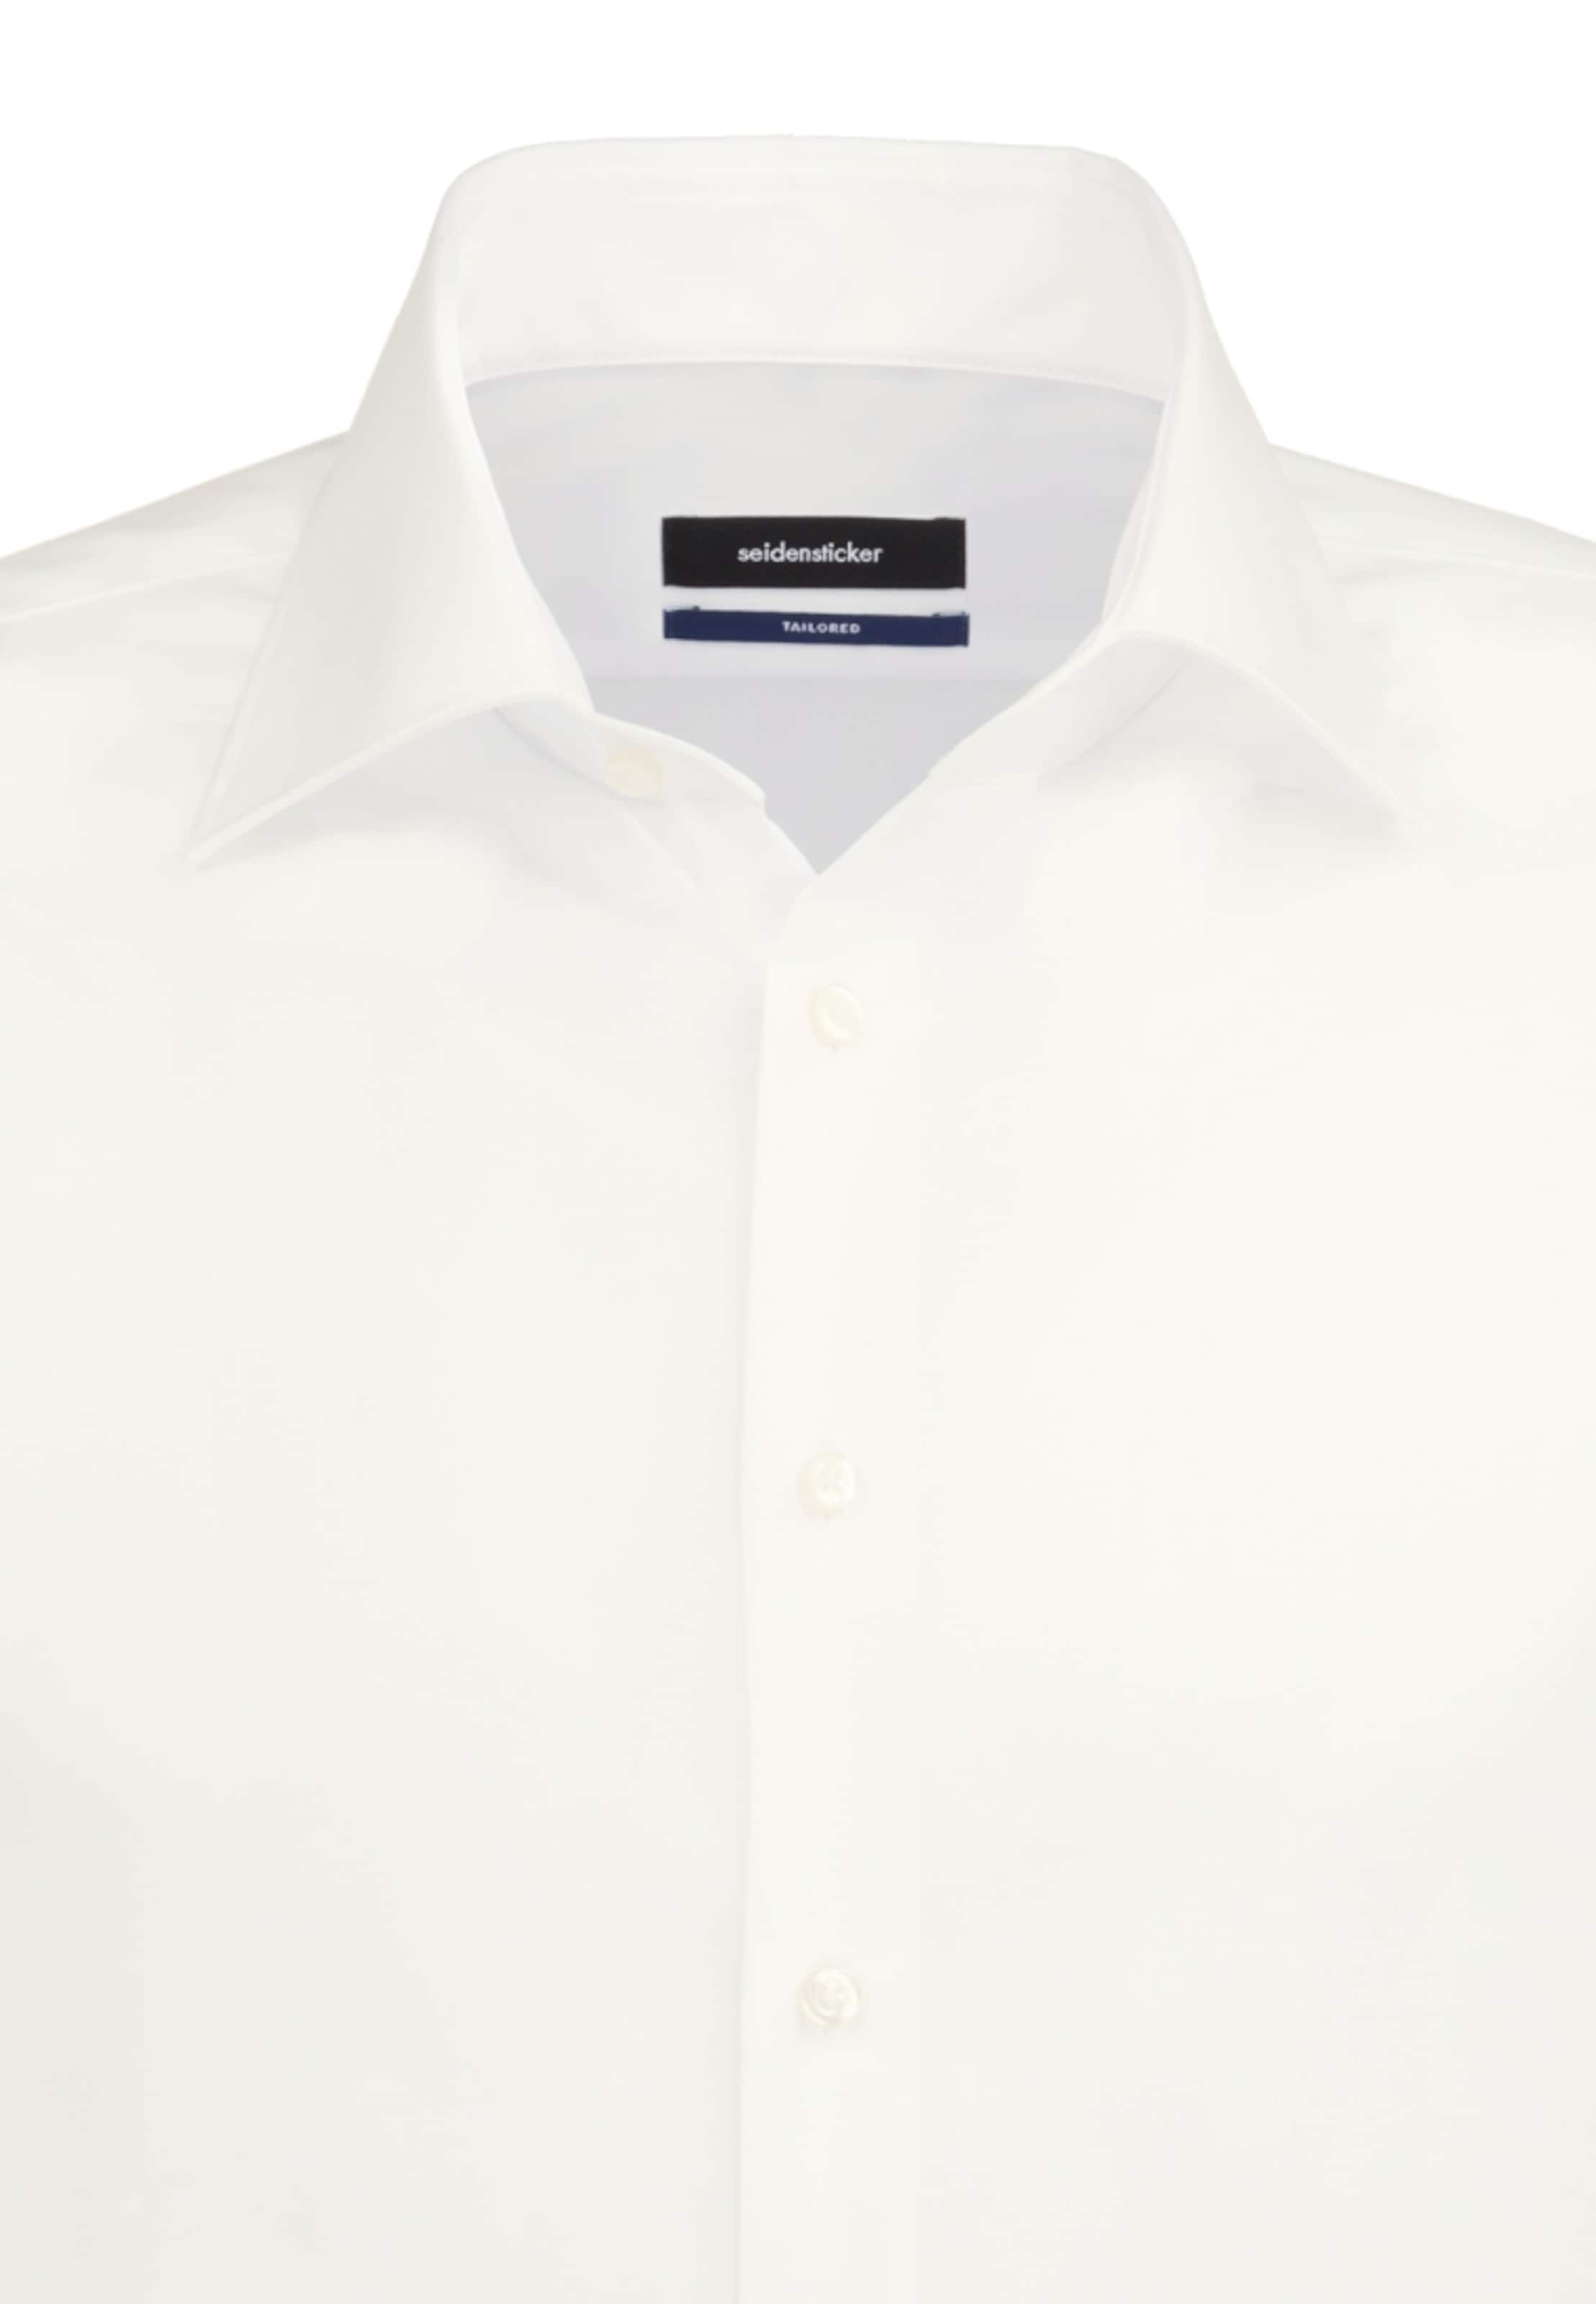 SEIDENSTICKER City-Hemd 'Tailored' Günstig Kaufen Kauf Eastbay Verkauf Online R64HdtSz7